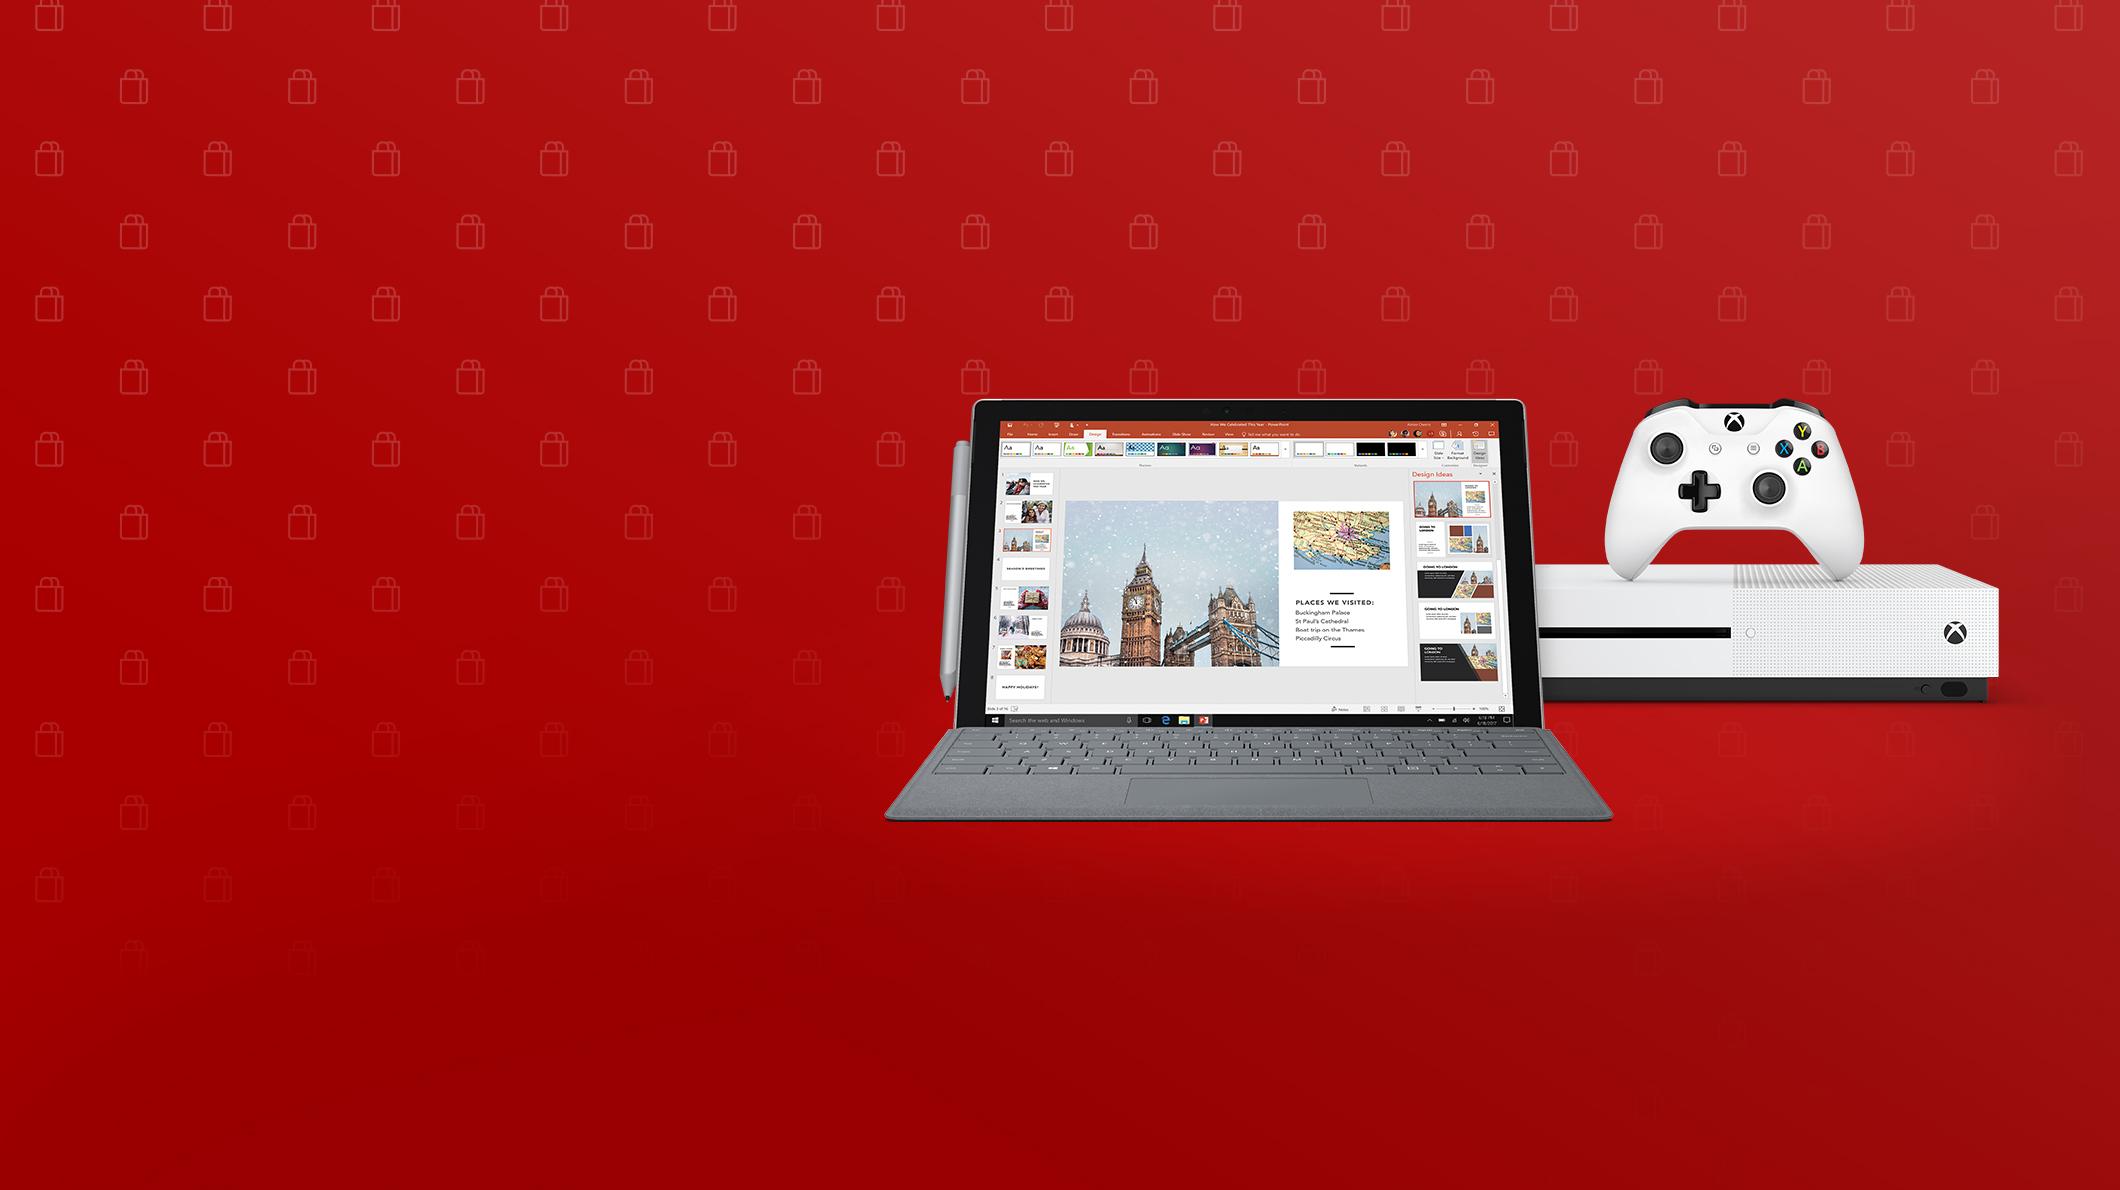 在画面上有一台微软Surface Pro中文版(新), 一支微软Surface触控笔(新), 一台Xbox One S家庭娱乐游戏机和一支微软Xbox无线控制器(新)白色